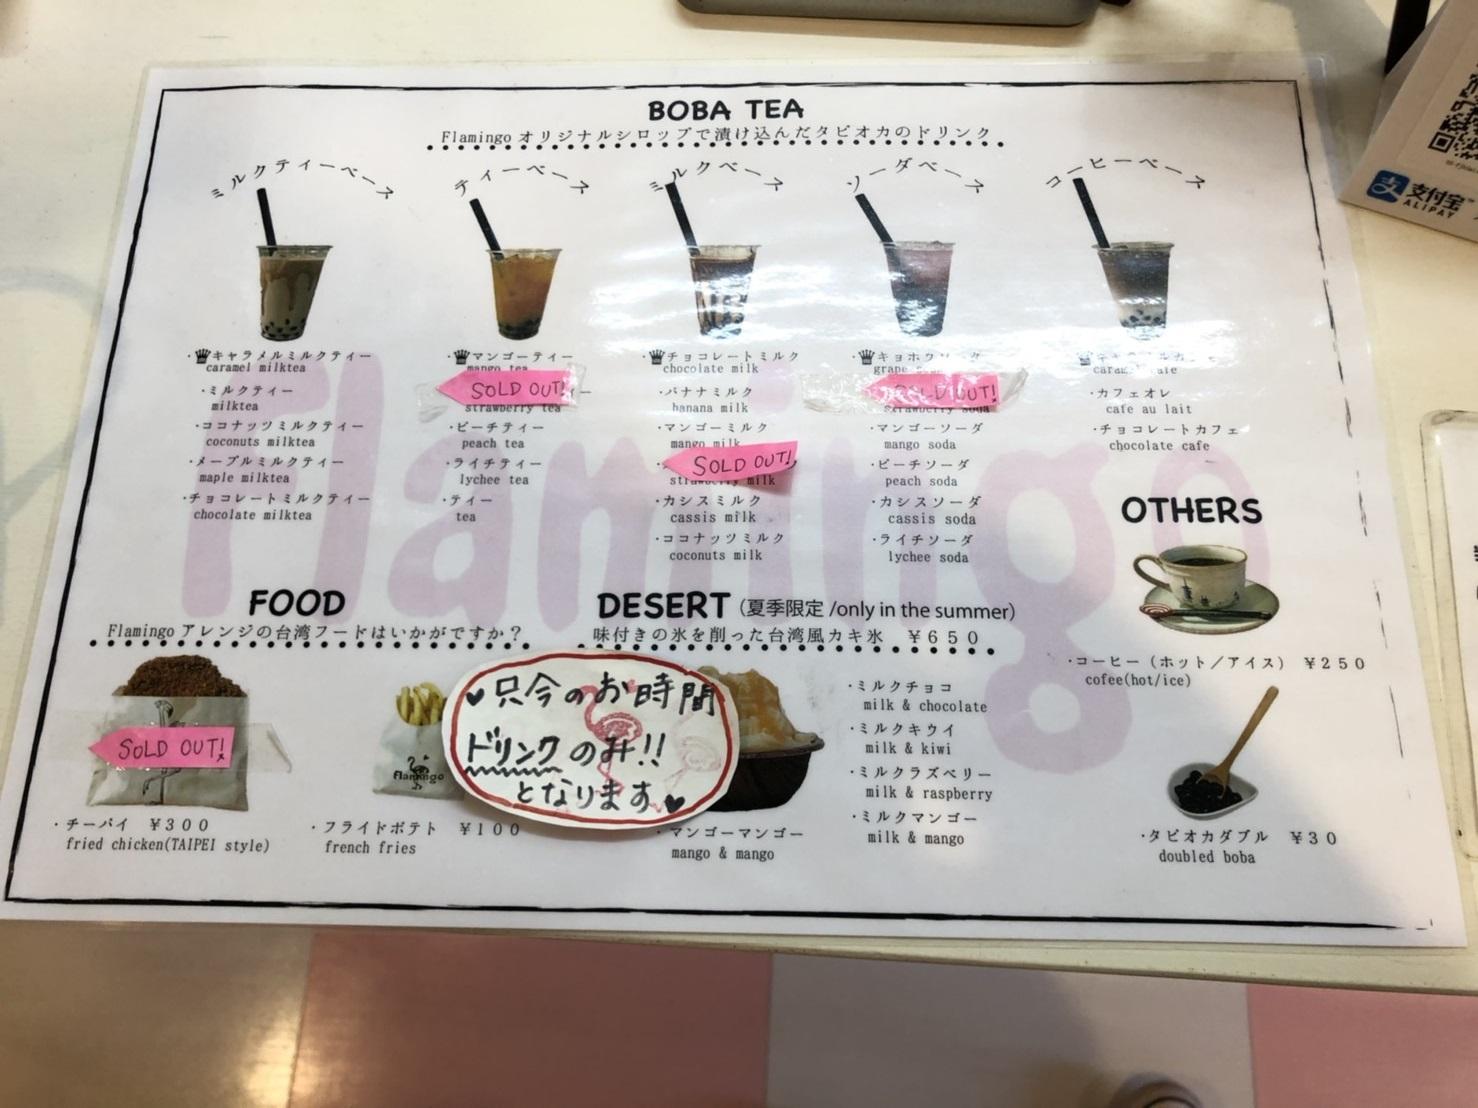 タピオカ専門店「フラミンゴ」のメニュー